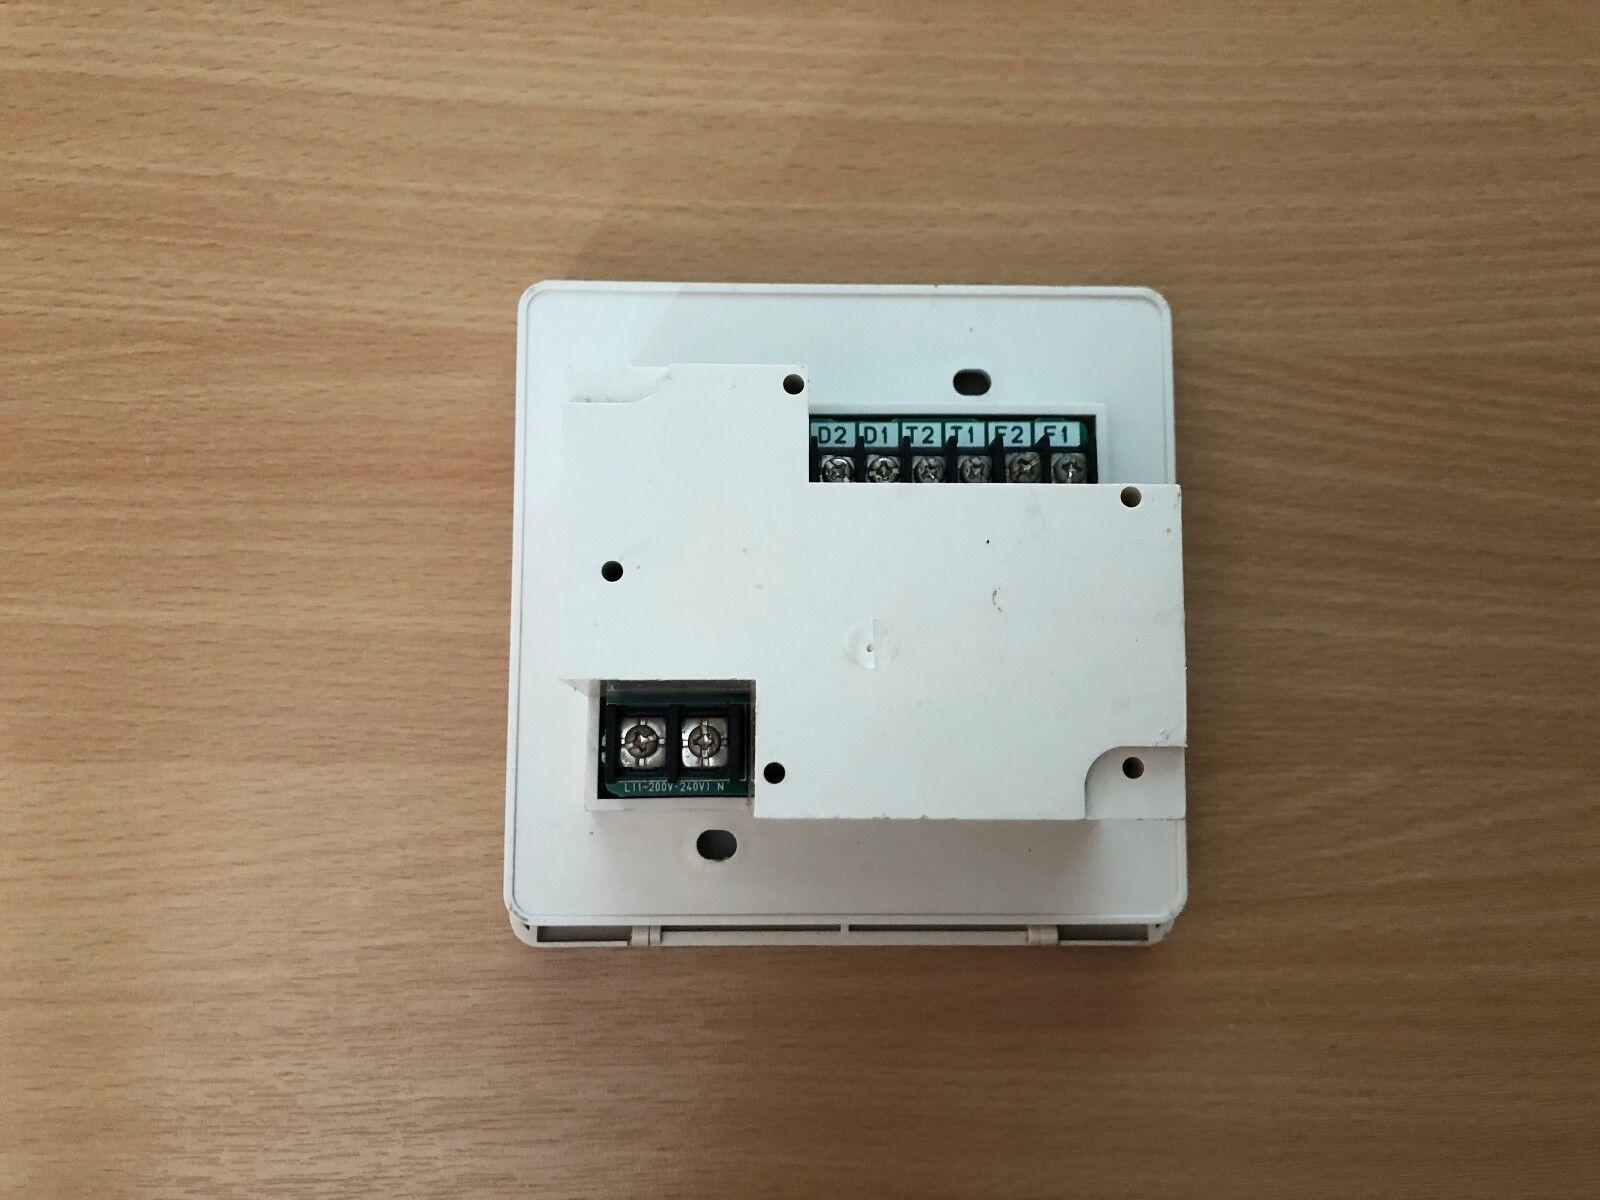 Daikin DCS301B51 apagado aire acondicionado centralizado controlador unificado de encendido apagado DCS301B51 1a843a